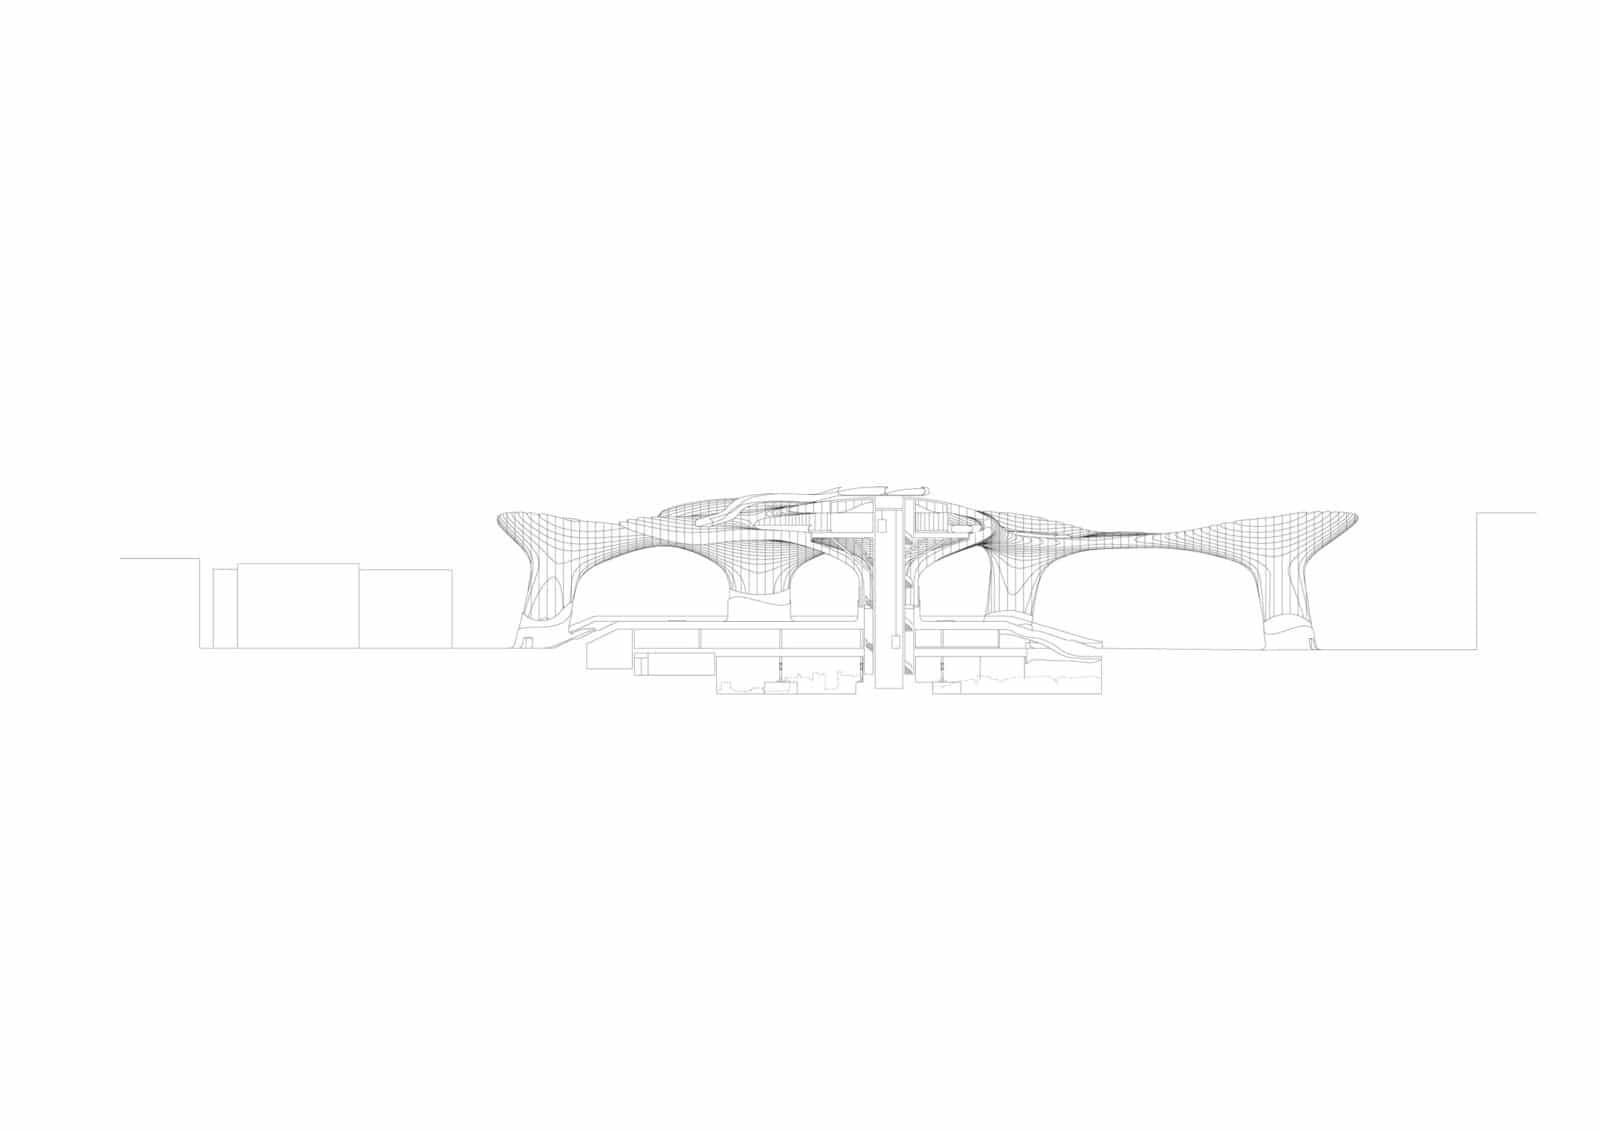 metropol parasol s ville par j mayer h architects actuarchi. Black Bedroom Furniture Sets. Home Design Ideas